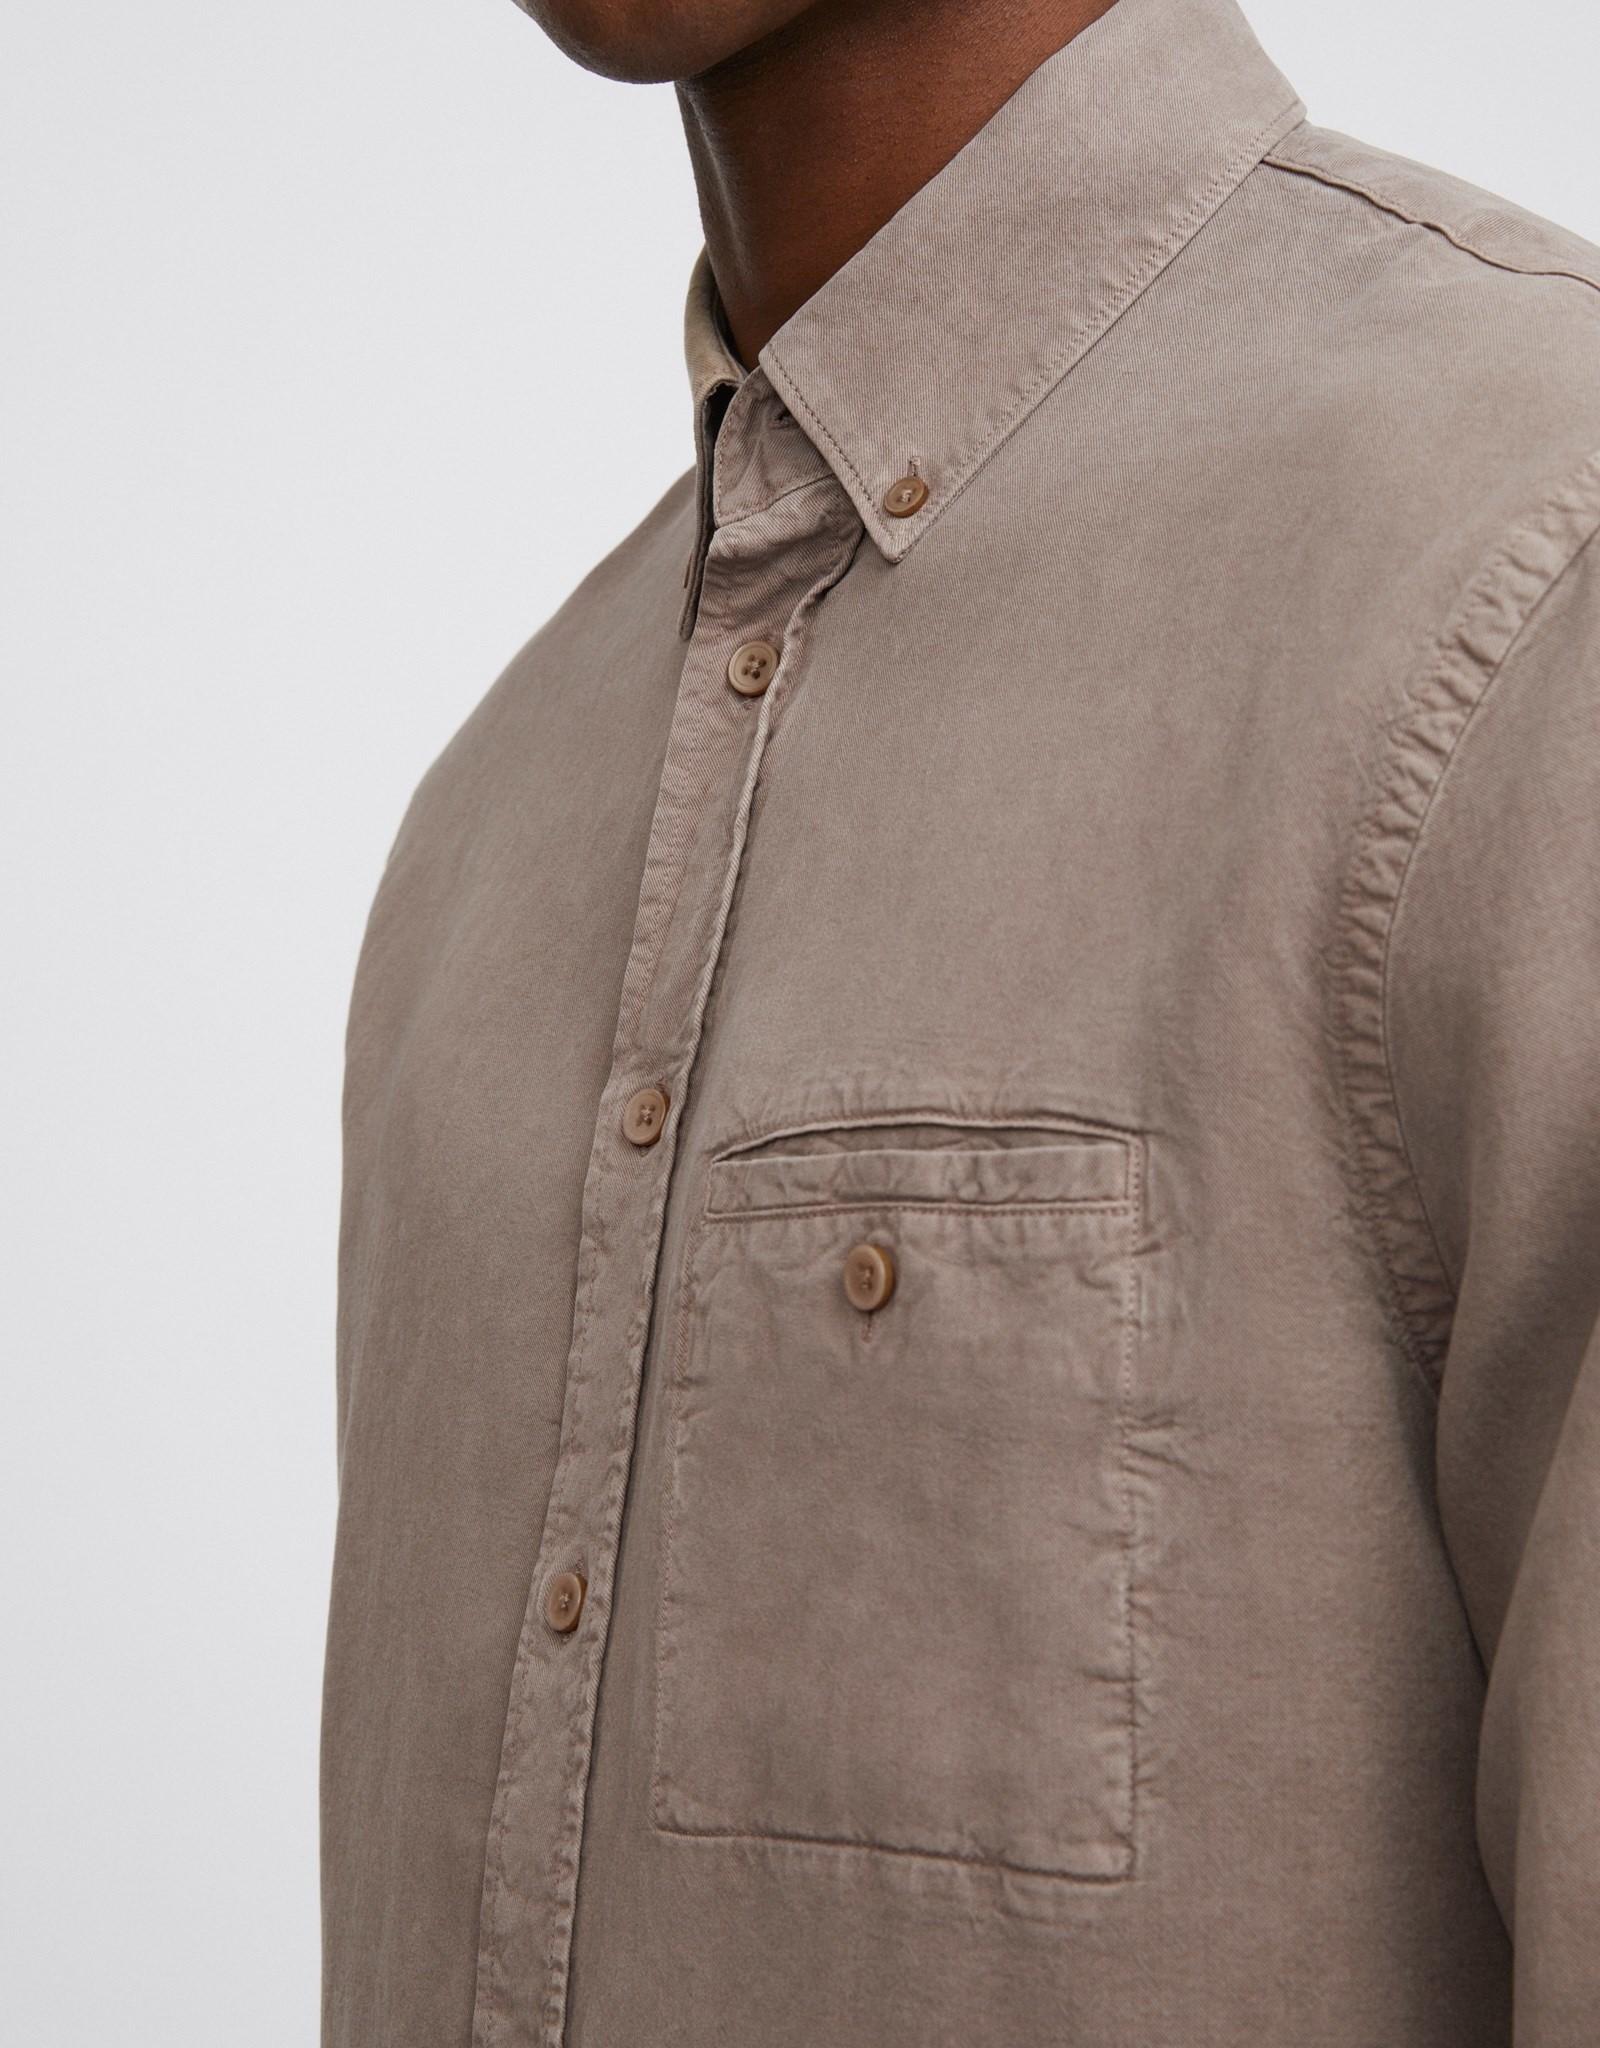 Filippa K M. Zachary Tencel Shirt Desert Taupe